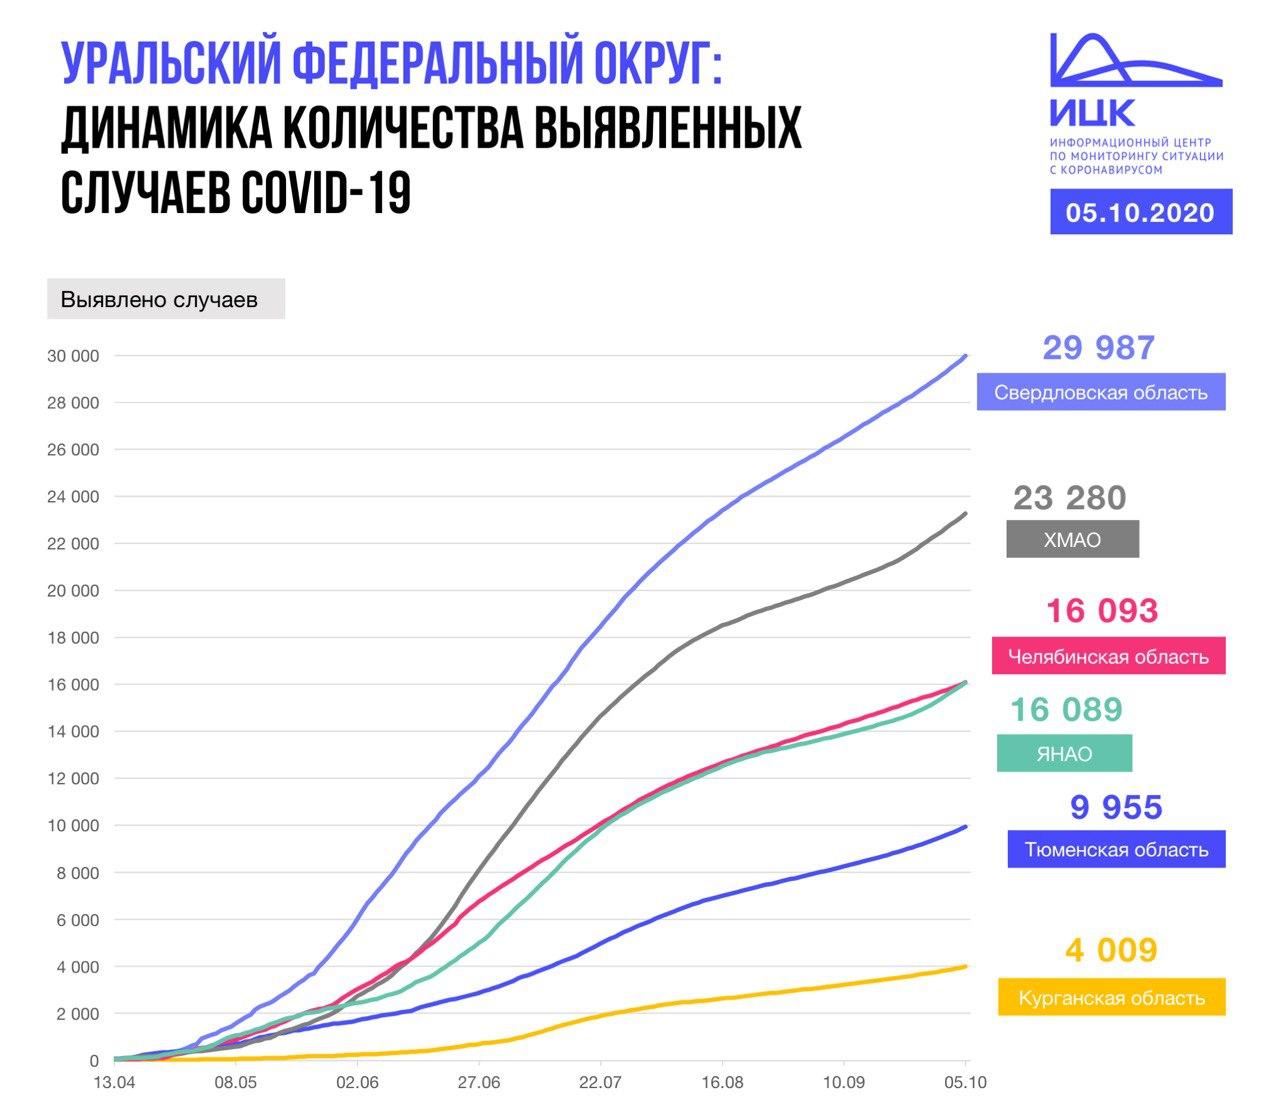 Так растет число заболевших в регионах УрФО